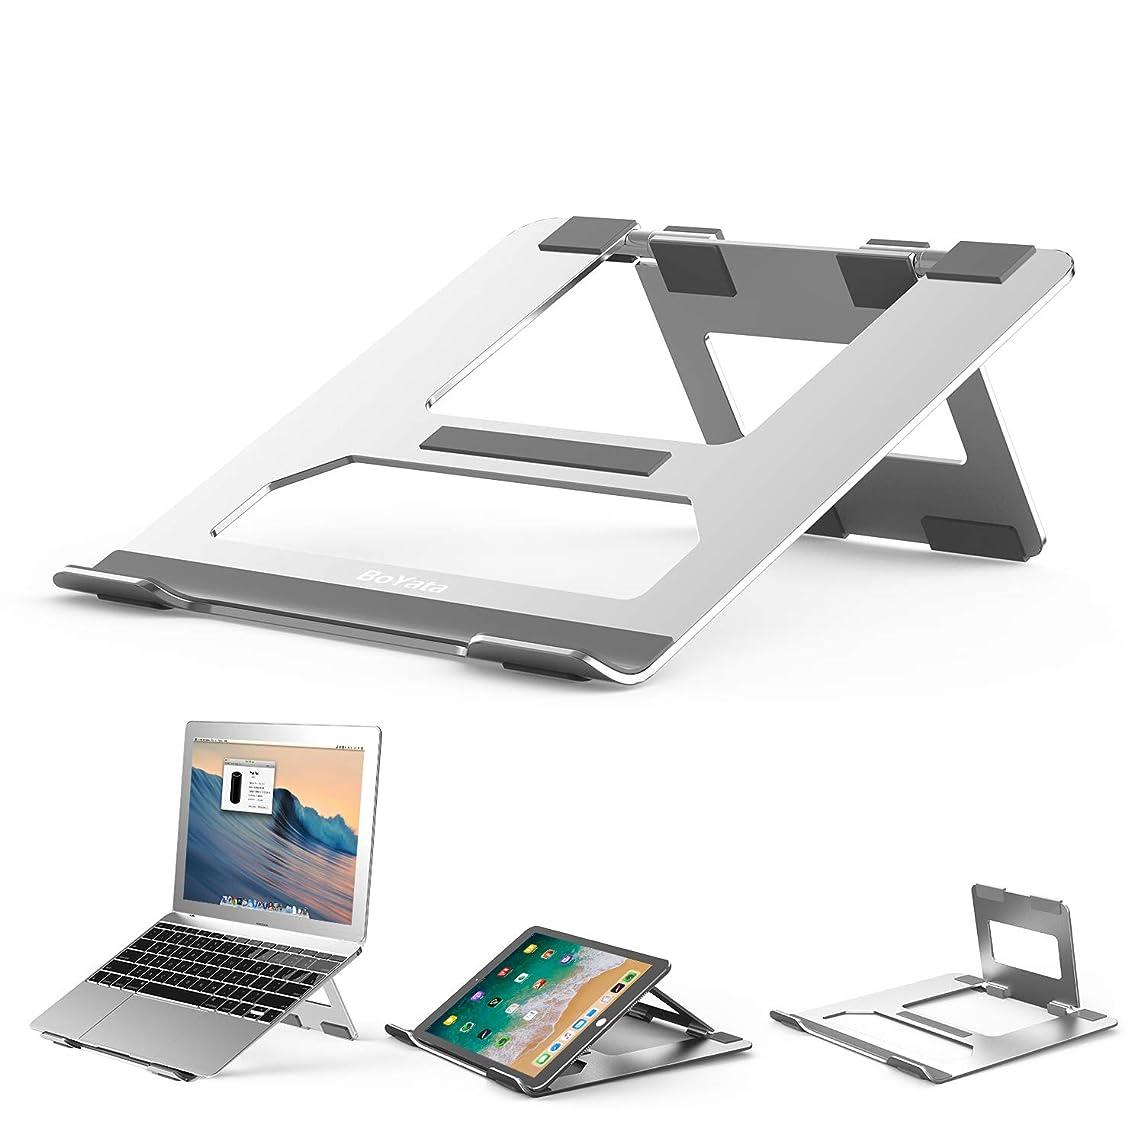 共感する権利を与える特異なBoYata ノートパソコンスタンド ノートPCスタンド 無段階調整 姿勢改善 肩こり/腰痛防止 タブレットホルダー 折りたたみ コンパクト 軽量 収納/携帯便利 Macbook/Macbook Air/Macbook Pro/Surface/iPad/ノートPC/タブレット/本など17インチまでに対応 BST-20(シルバー)